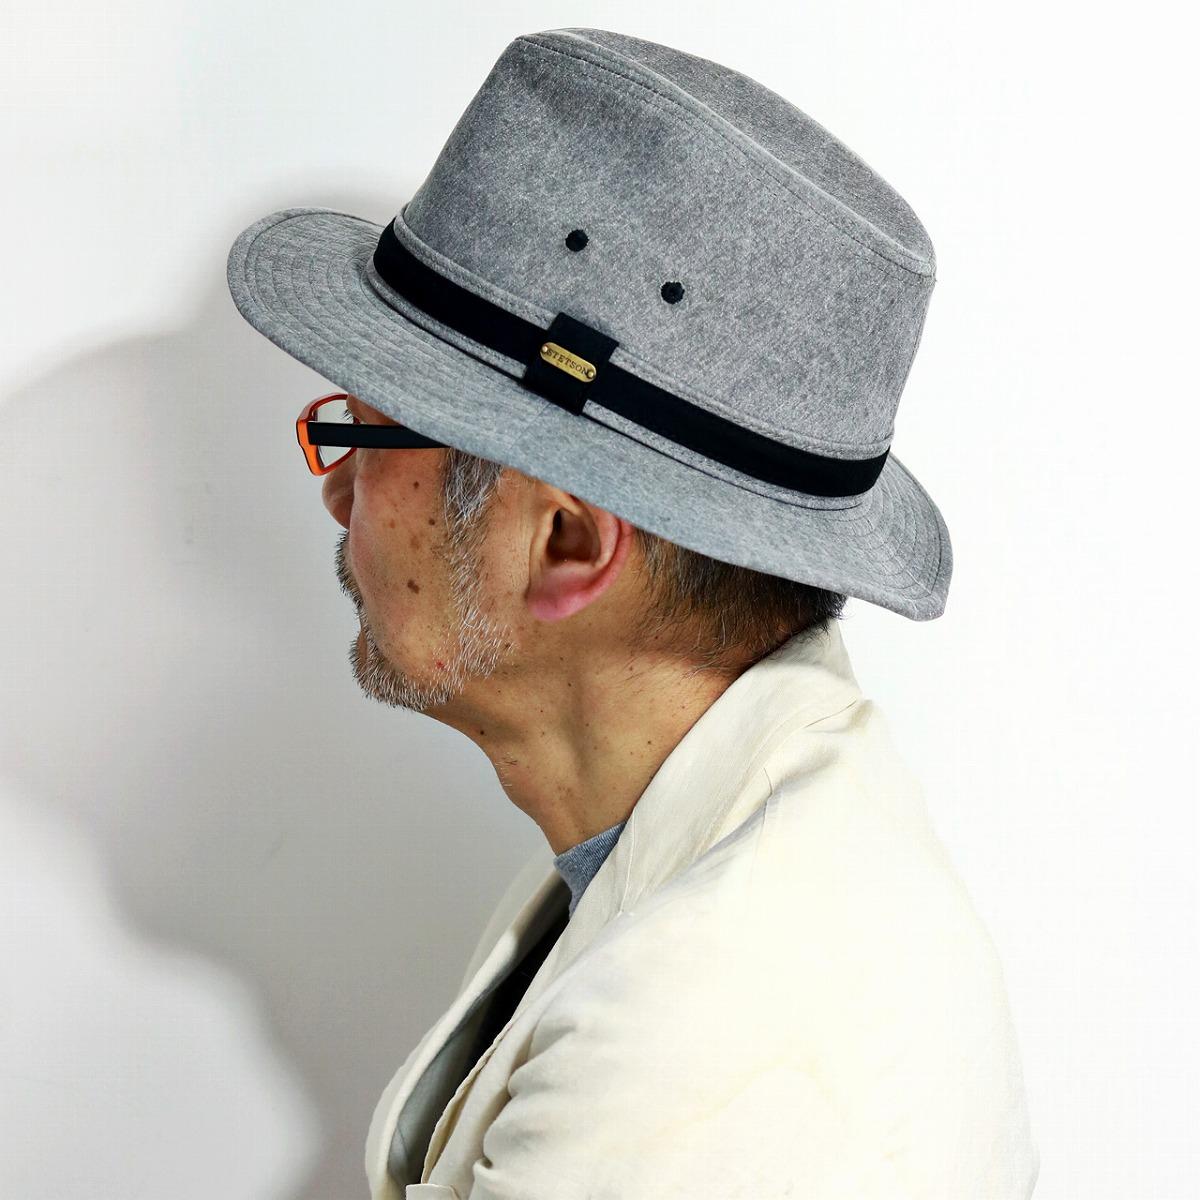 ステットソン ハット 春 夏 メンズ stetson 帽子 ダウンマニッシュ ワイドブリム オールシーズン シンプル 帽子 中折れハット つば広 秋 冬 HAT 登山 カジュアル ハット / モノトーン グレー[ fedora ]男性 プレゼント 帽子通販